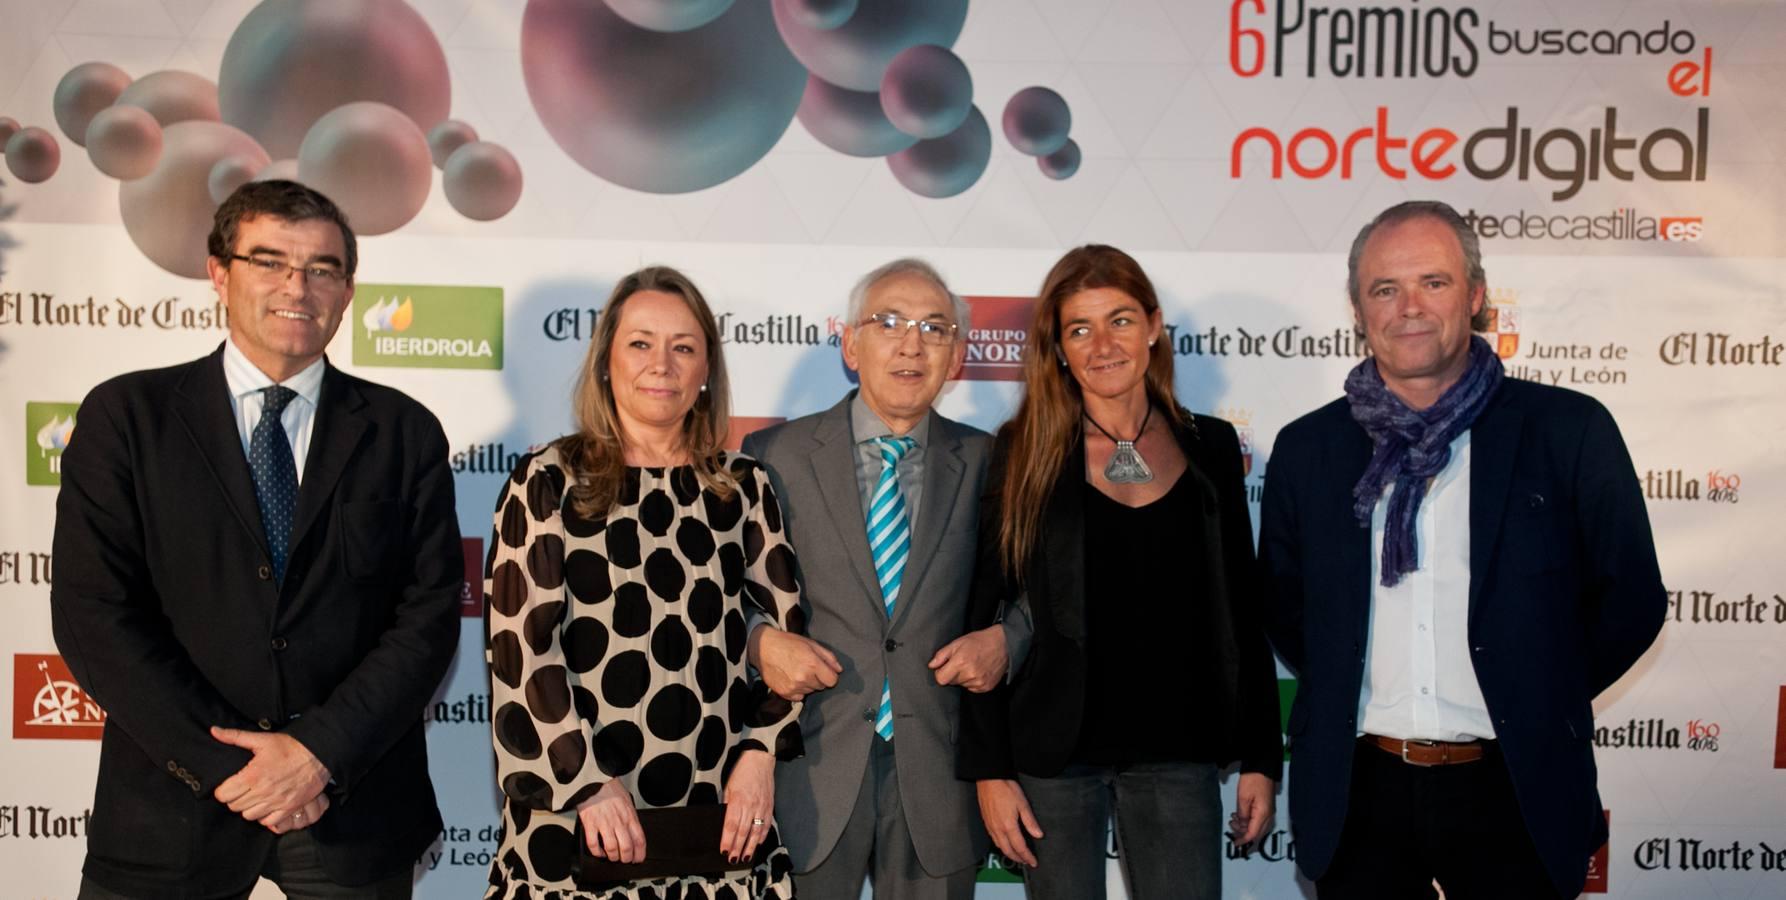 Invitados a la gala de la VI edición de los Premios Buscando El Norte Digital (2/3)